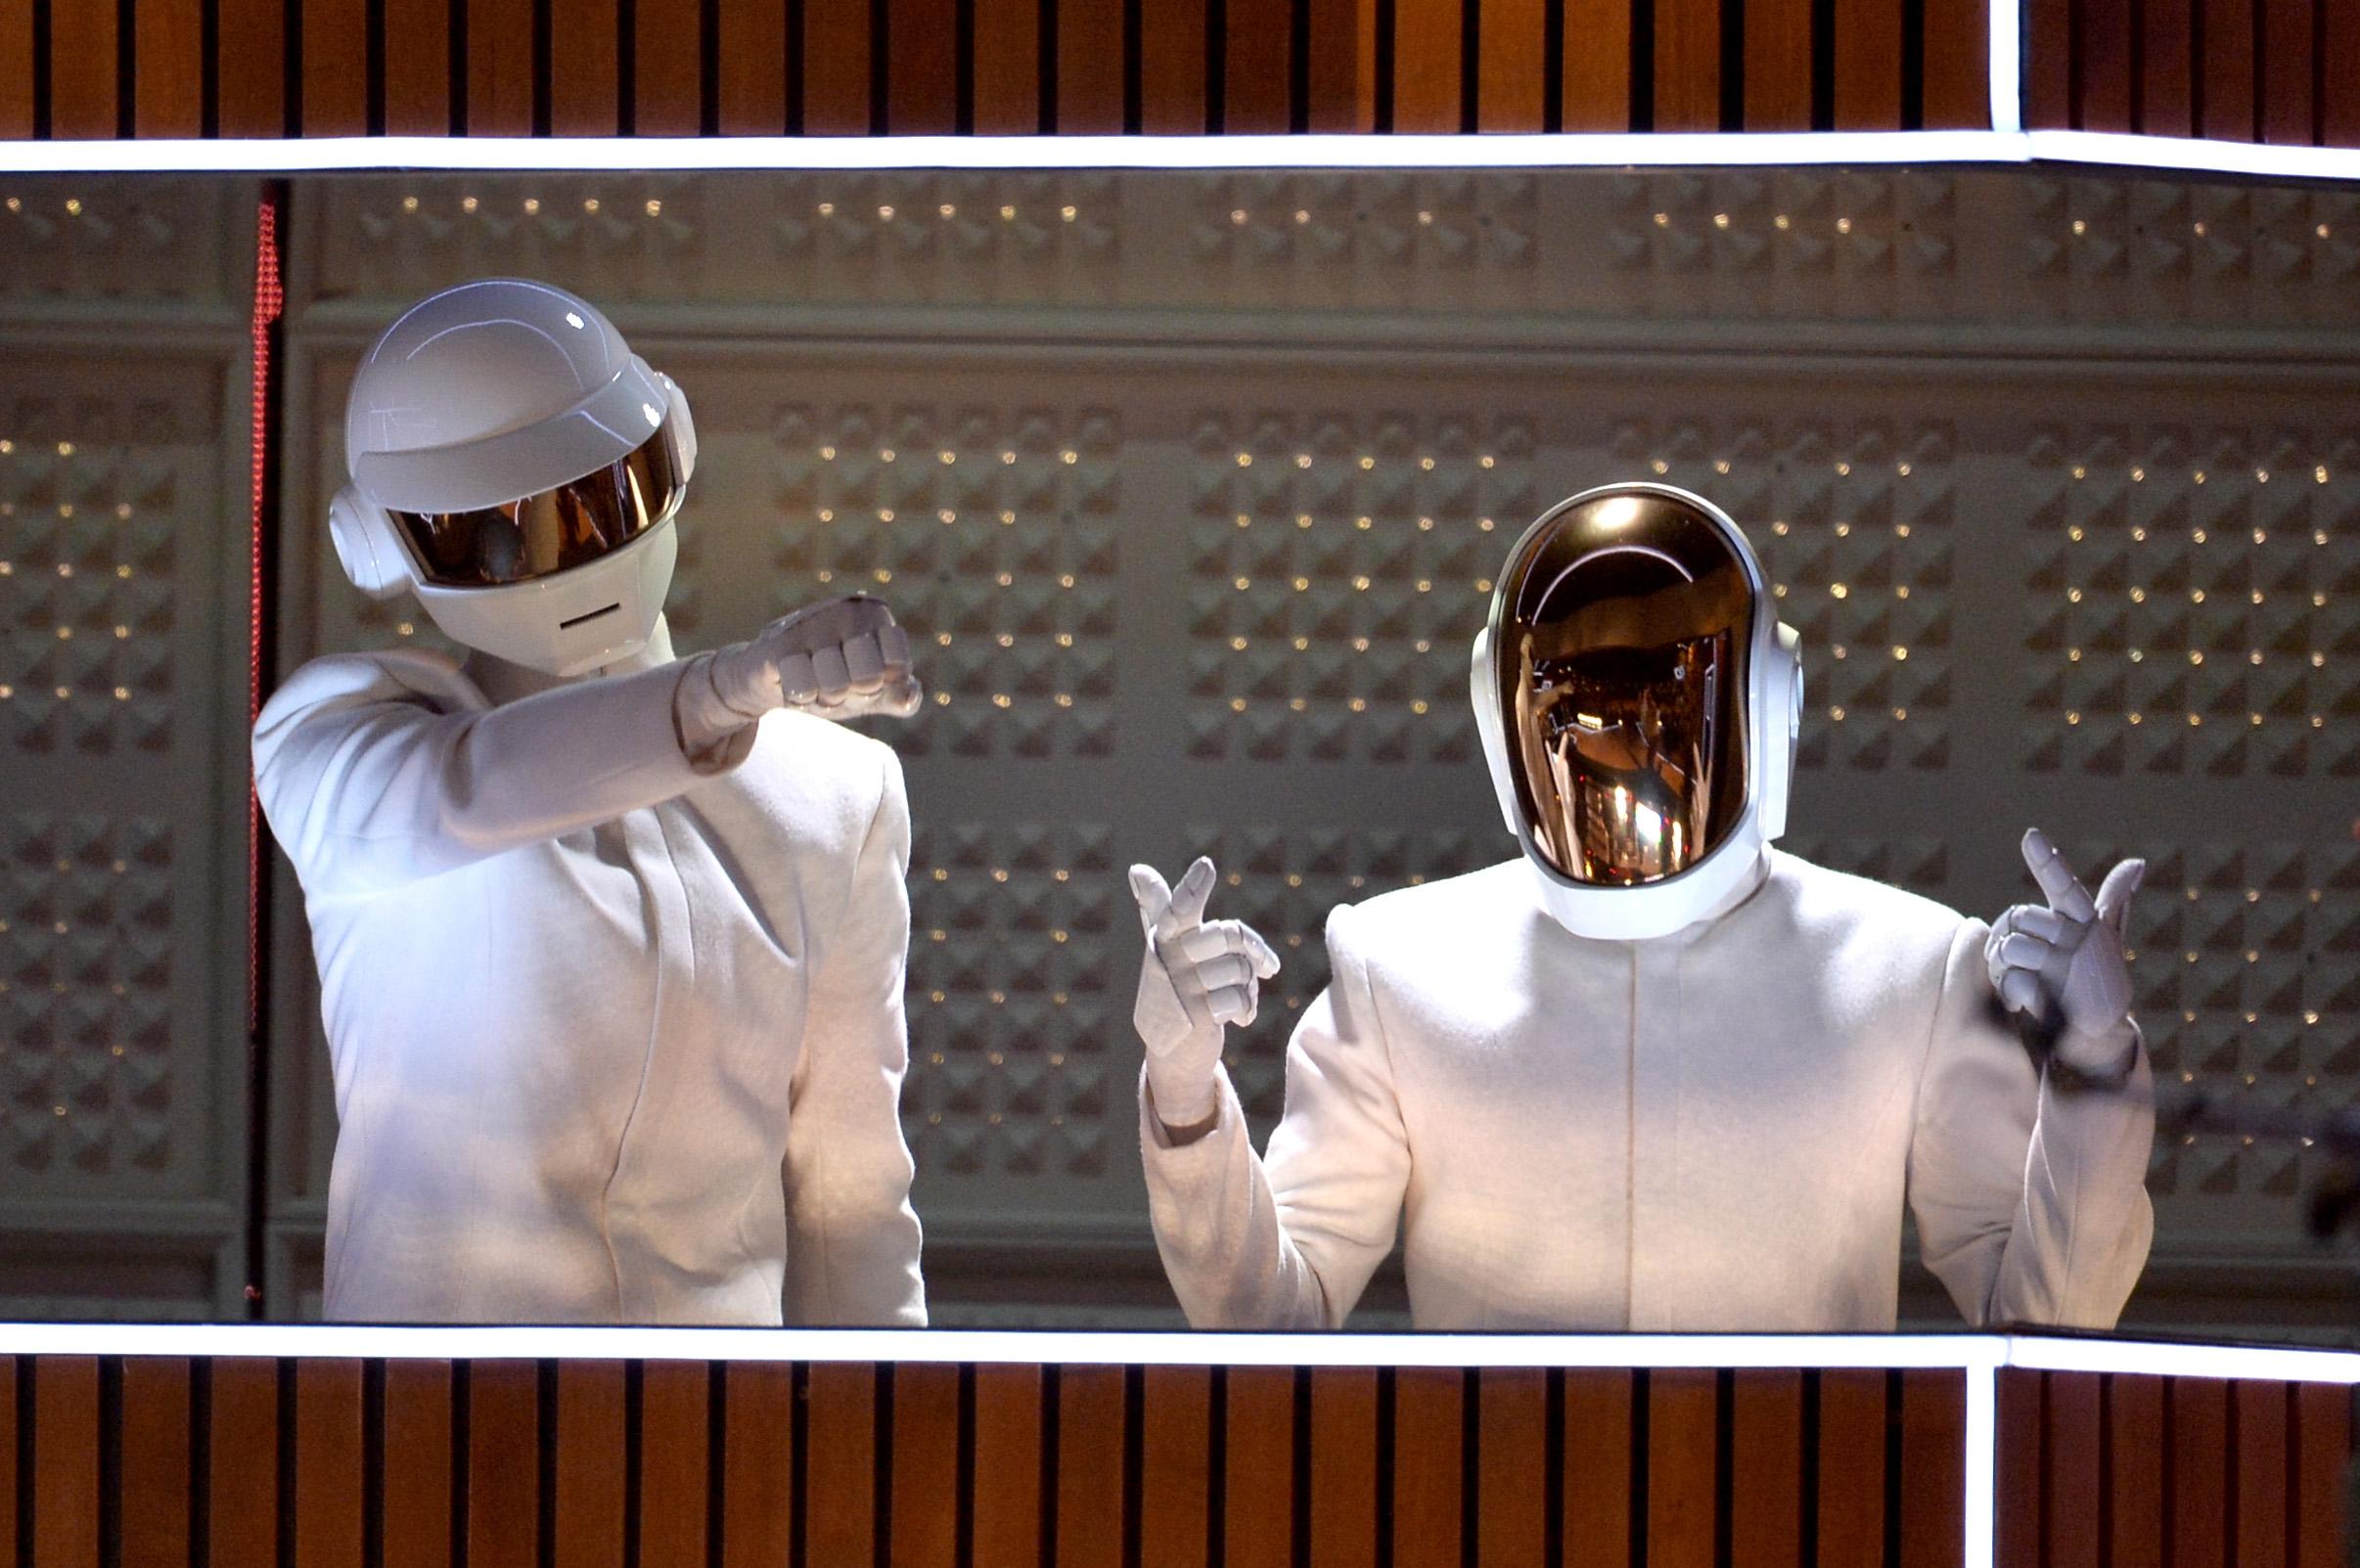 Grammys 2014: GIFs & Videos